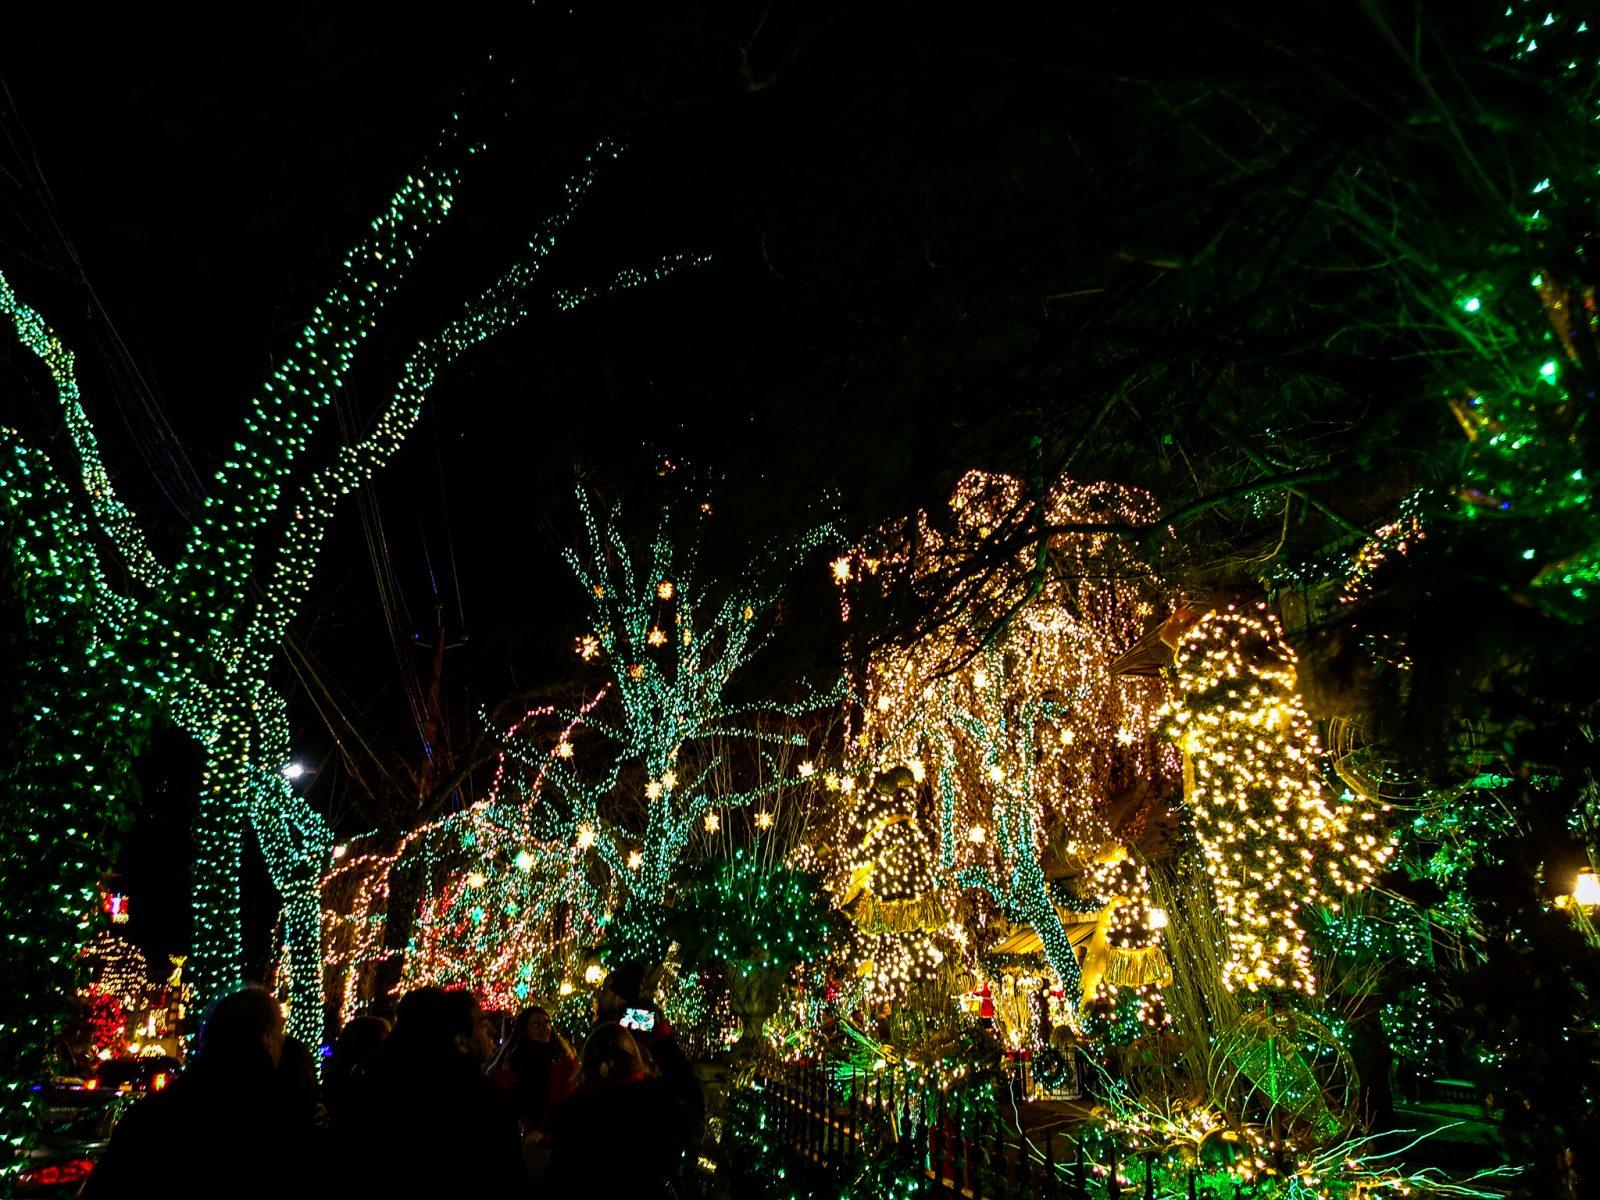 julelyskledde trær